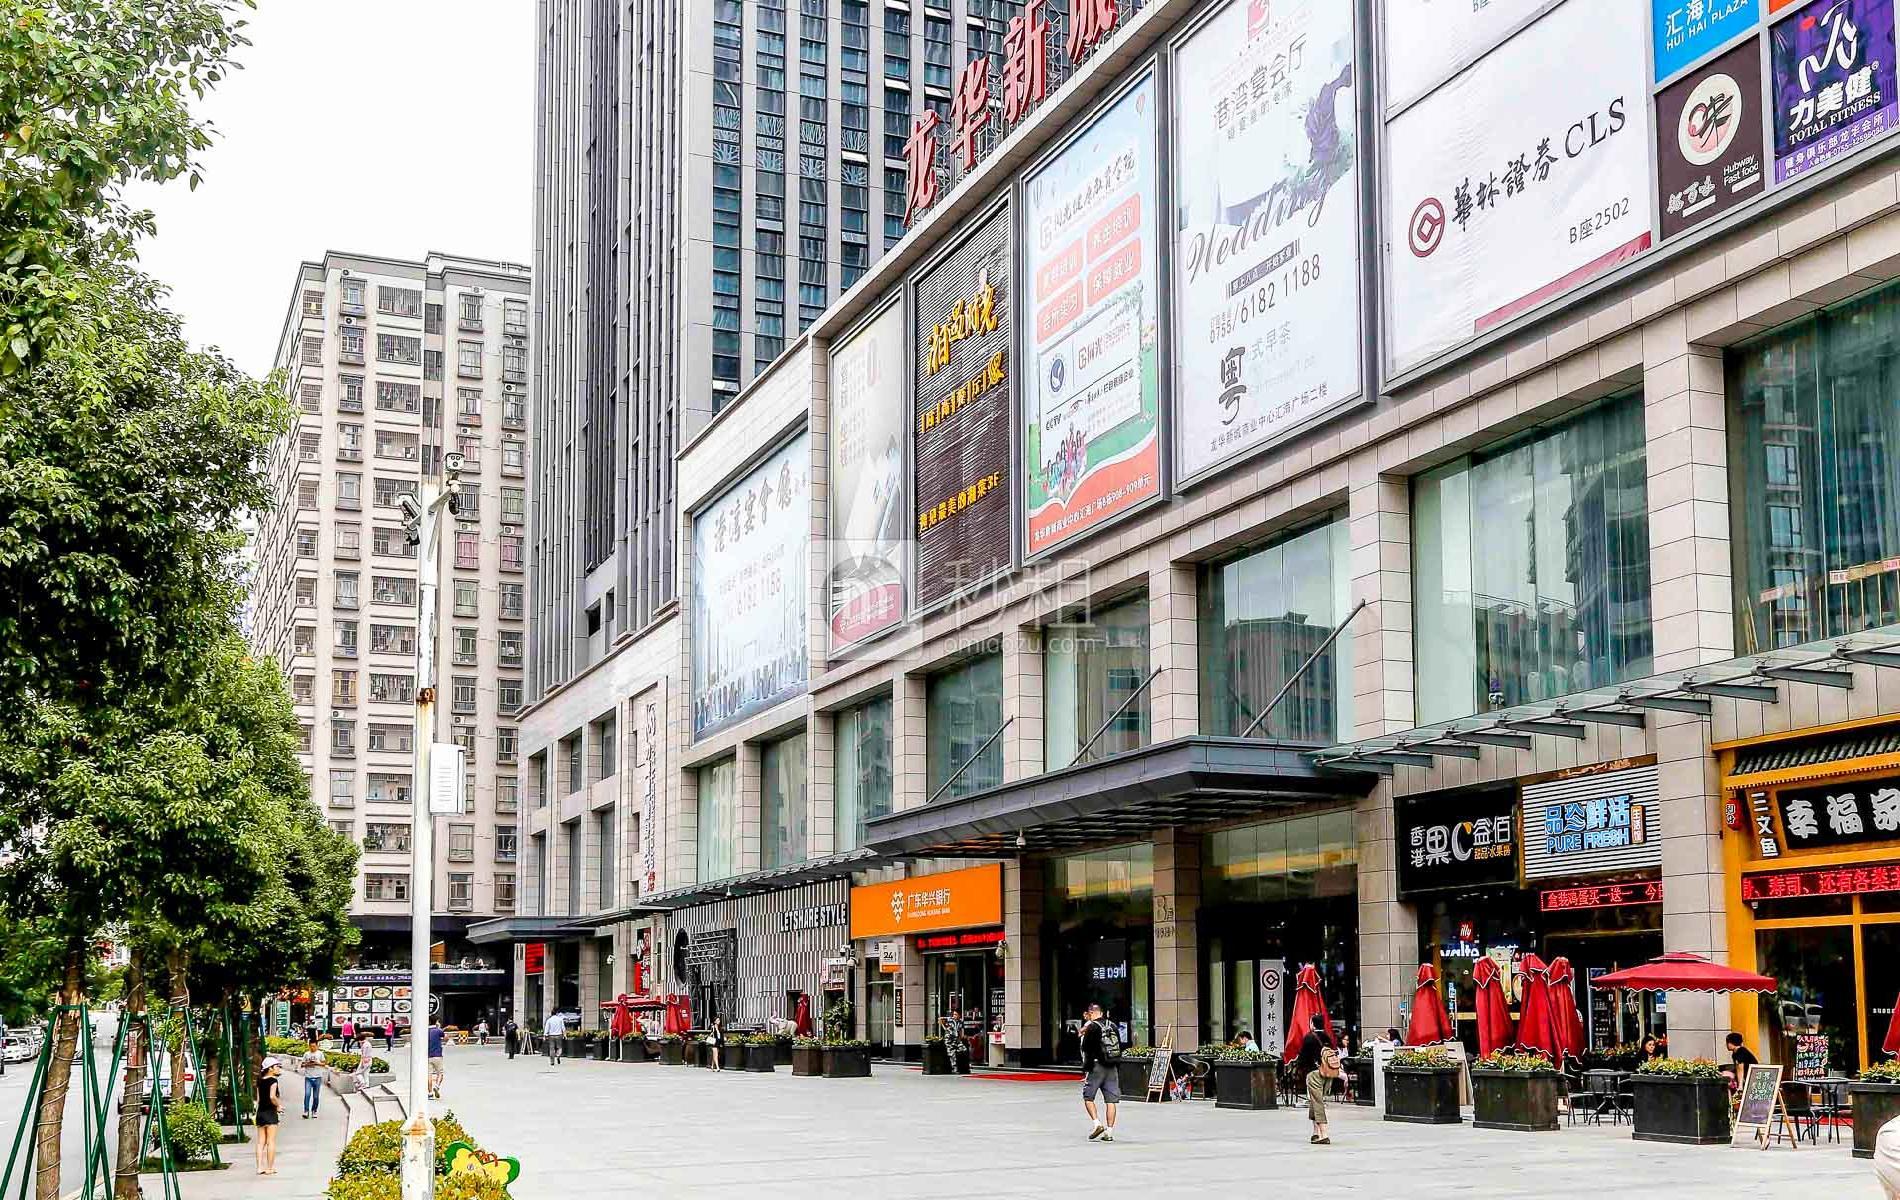 汇海广场写字楼出租/招租/租赁,汇海广场办公室出租/招租/租赁